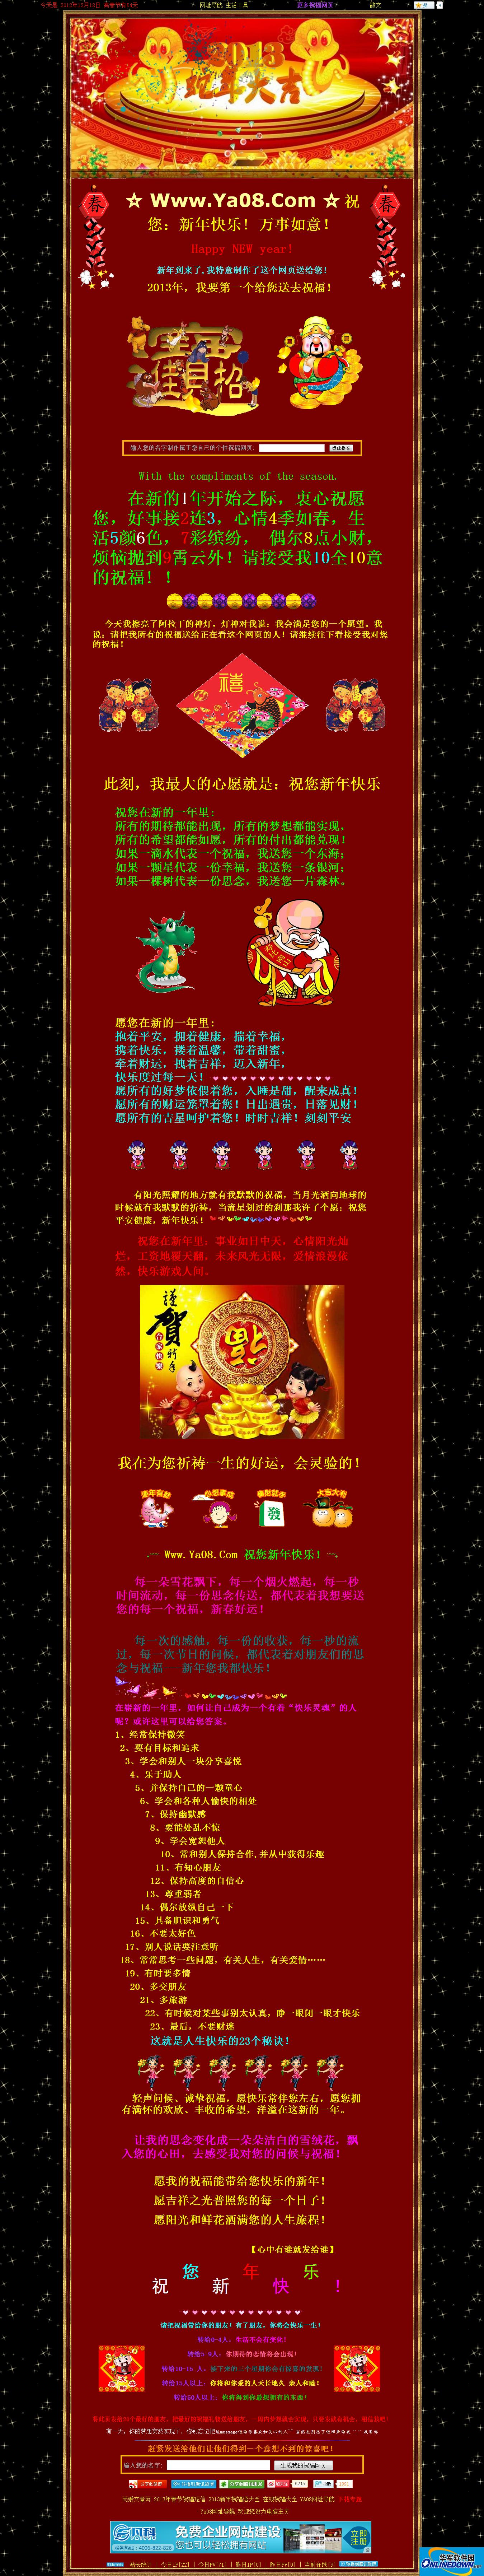 雨爱文章网【2013年】祝福网页源码